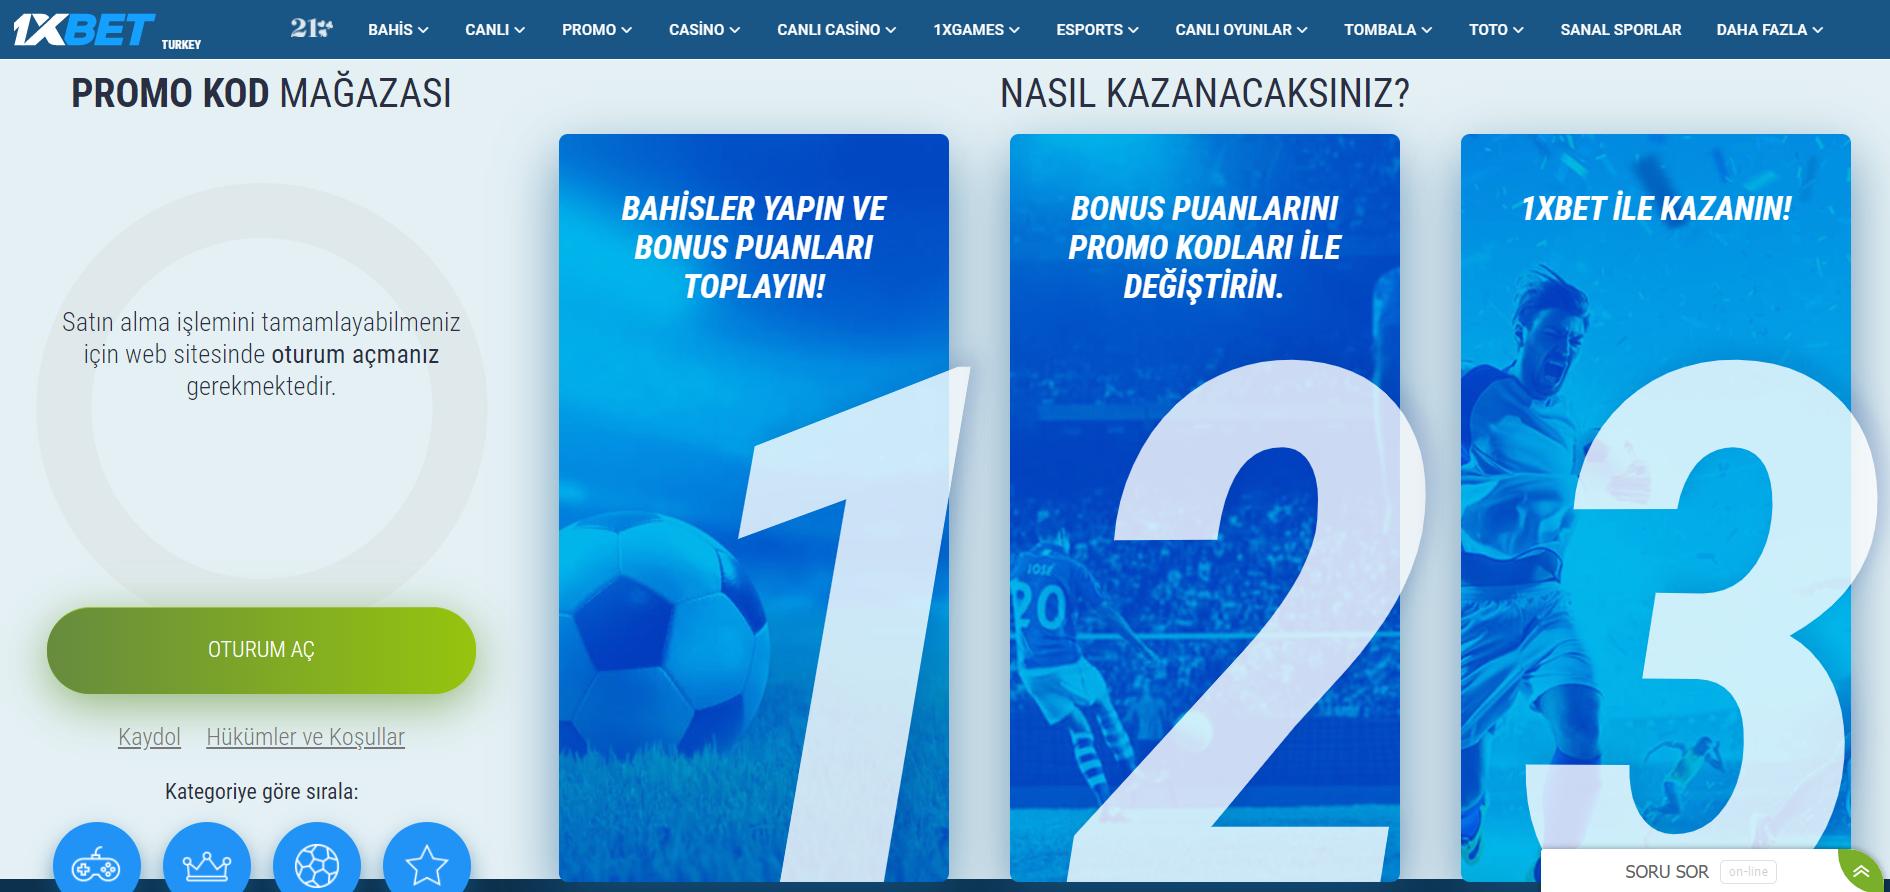 Türk 1xBet bonus hesabı